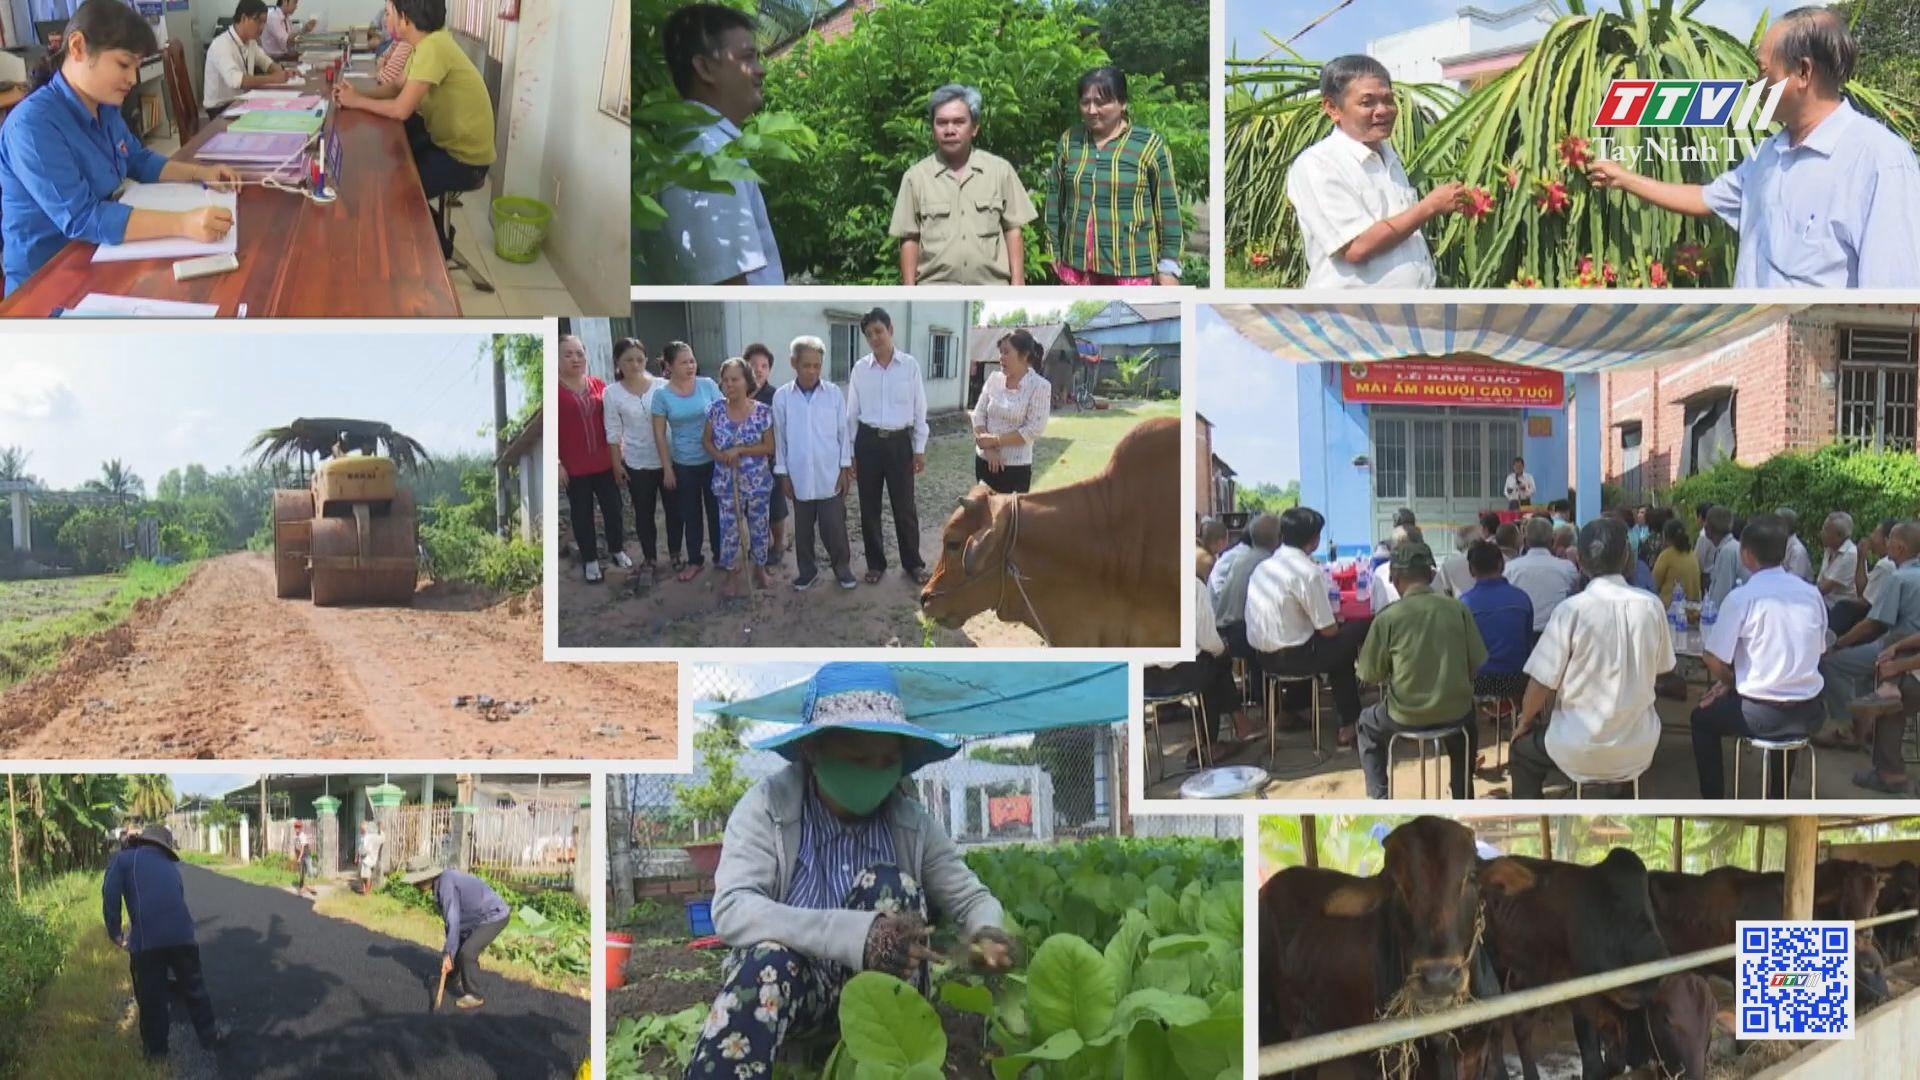 Tây Ninh sau 5 năm thực hiện chương trình Mục tiêu Quốc gia giảm nghèo bền vững | GIẢM NGHÈO BỀN VỮNG | TayNinhTV